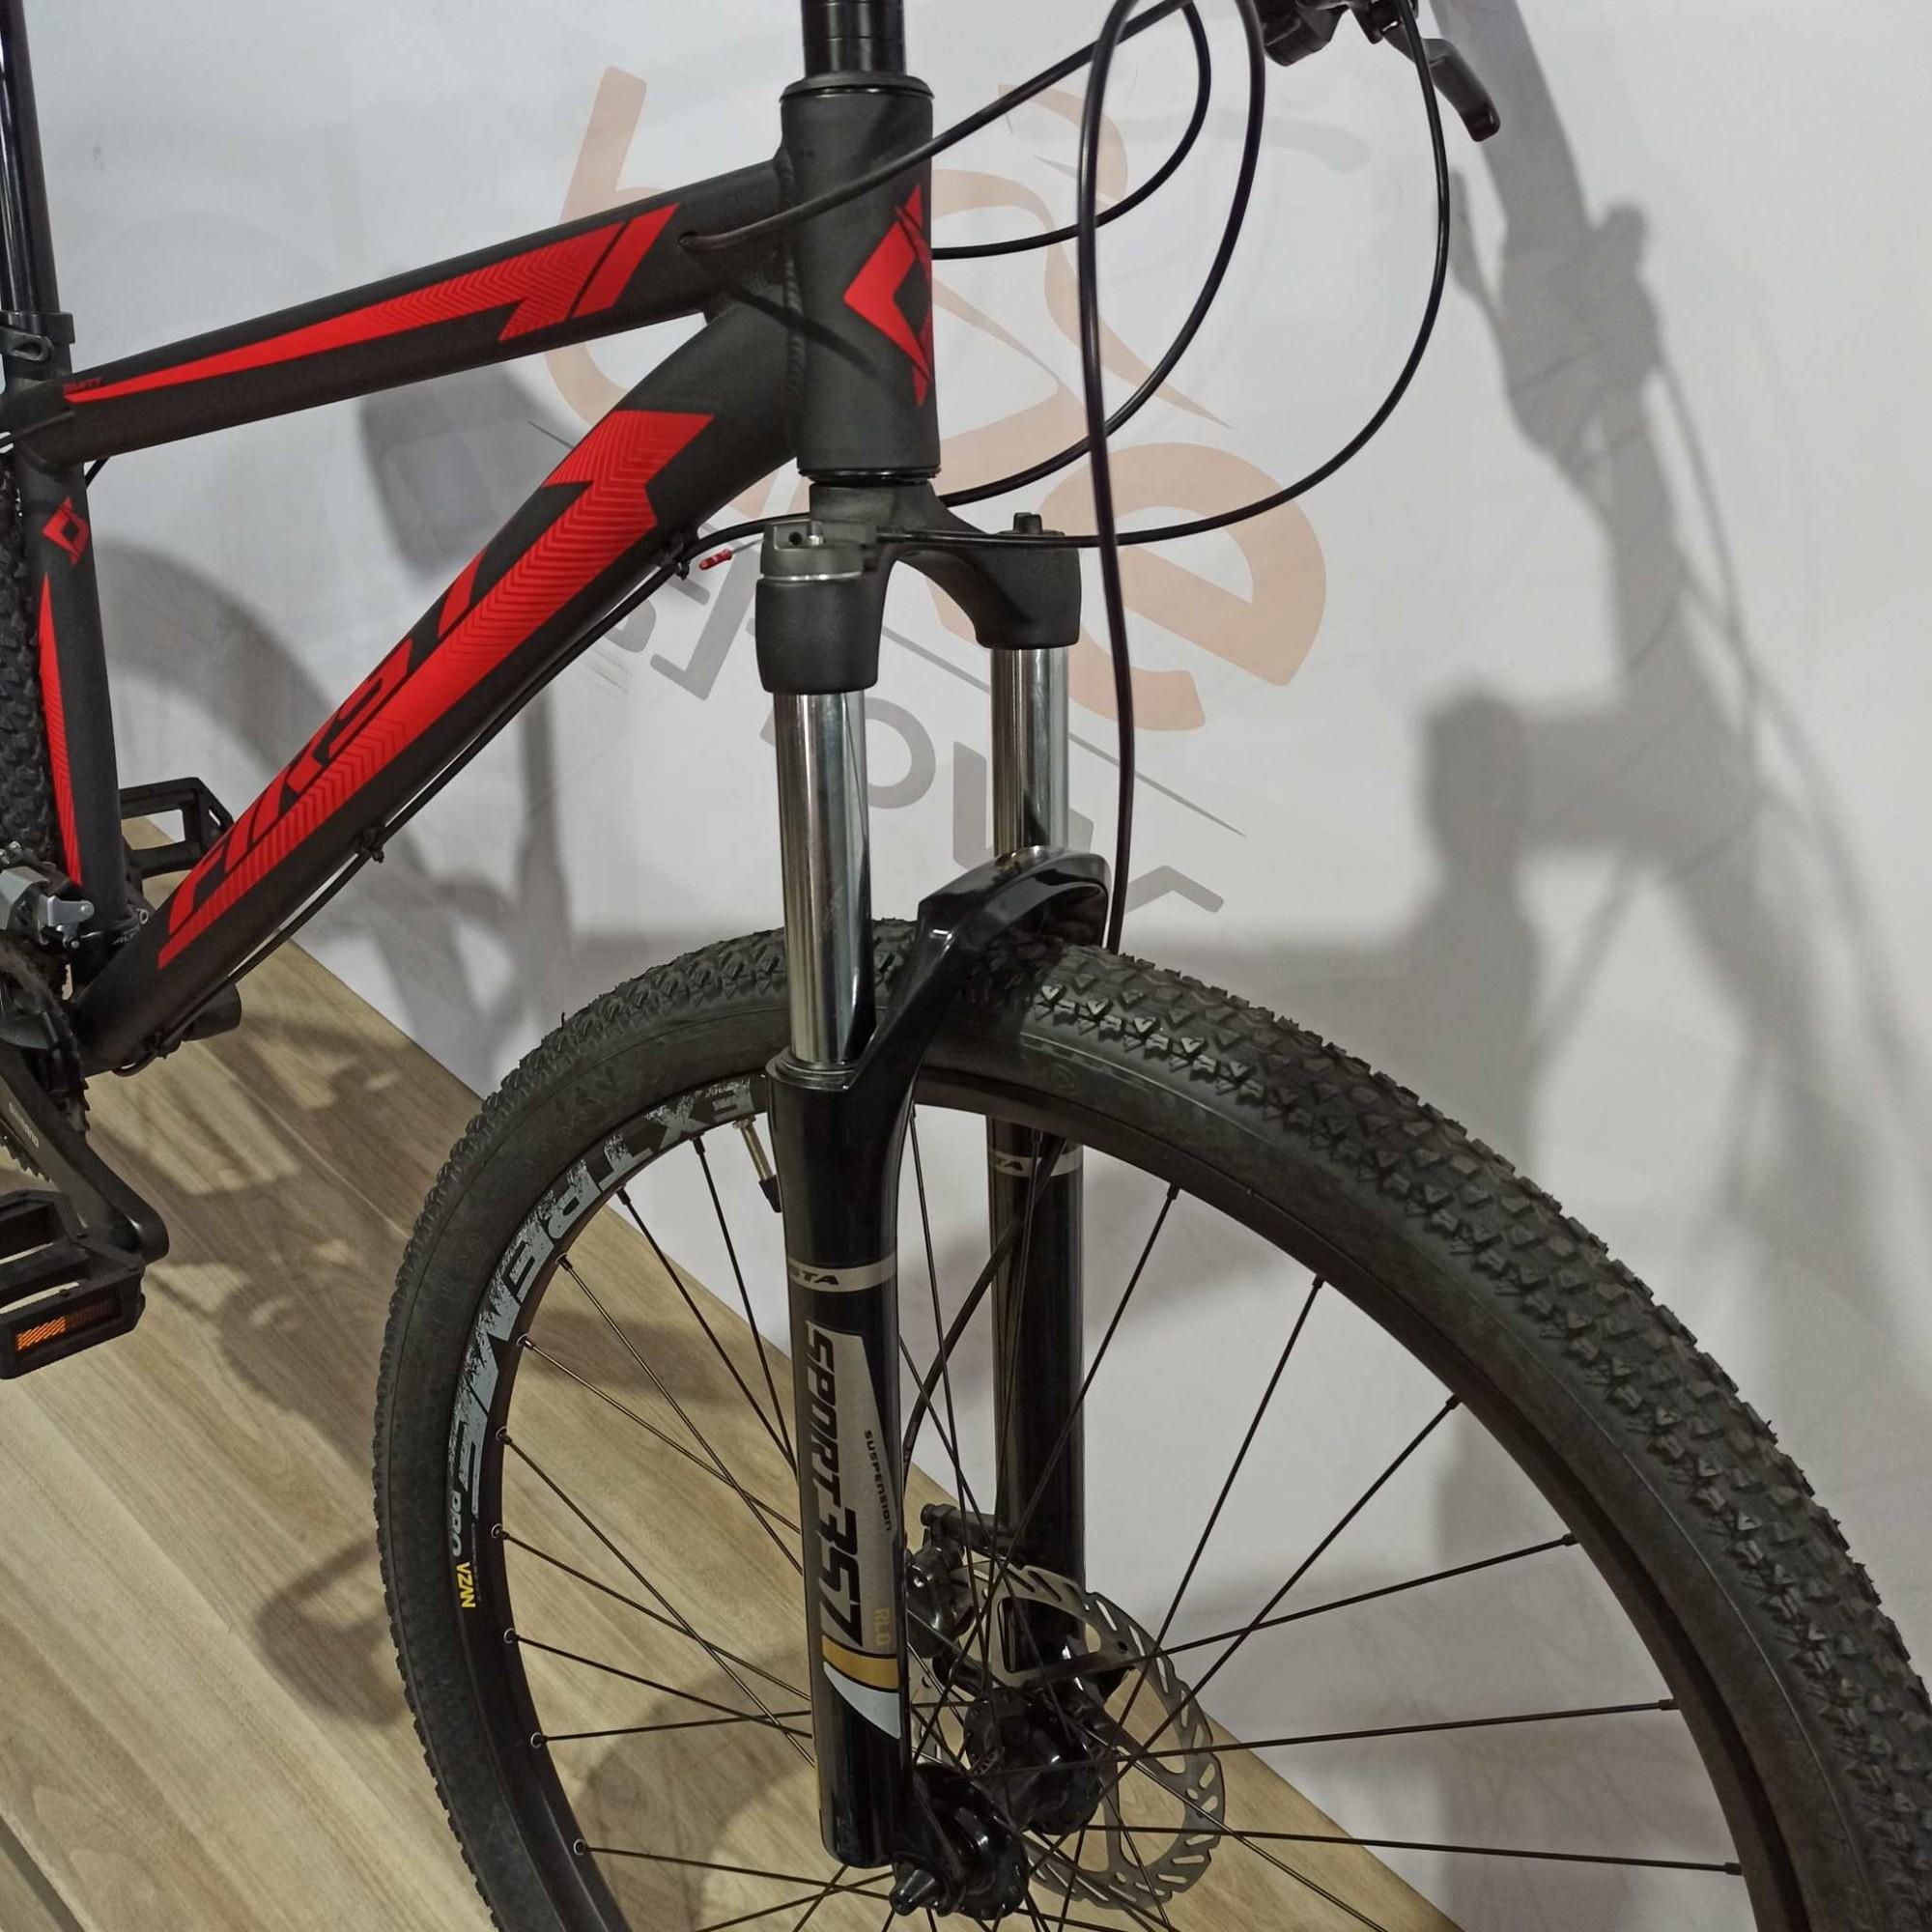 Bicicleta FIRST Smitt aro 29 - 18v Shimano Altus - Freio Shimano Hidráulico - Suspensão GTA com trava no guidão